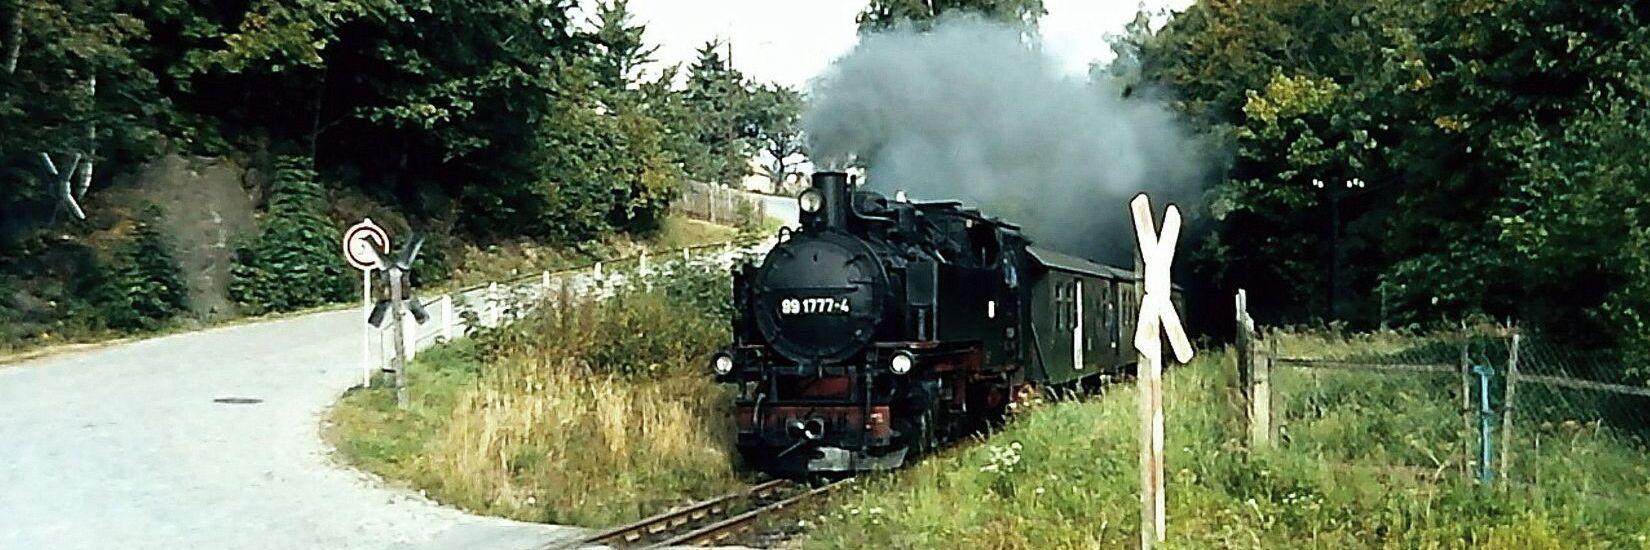 Dampfzug in den 1990er Jahren